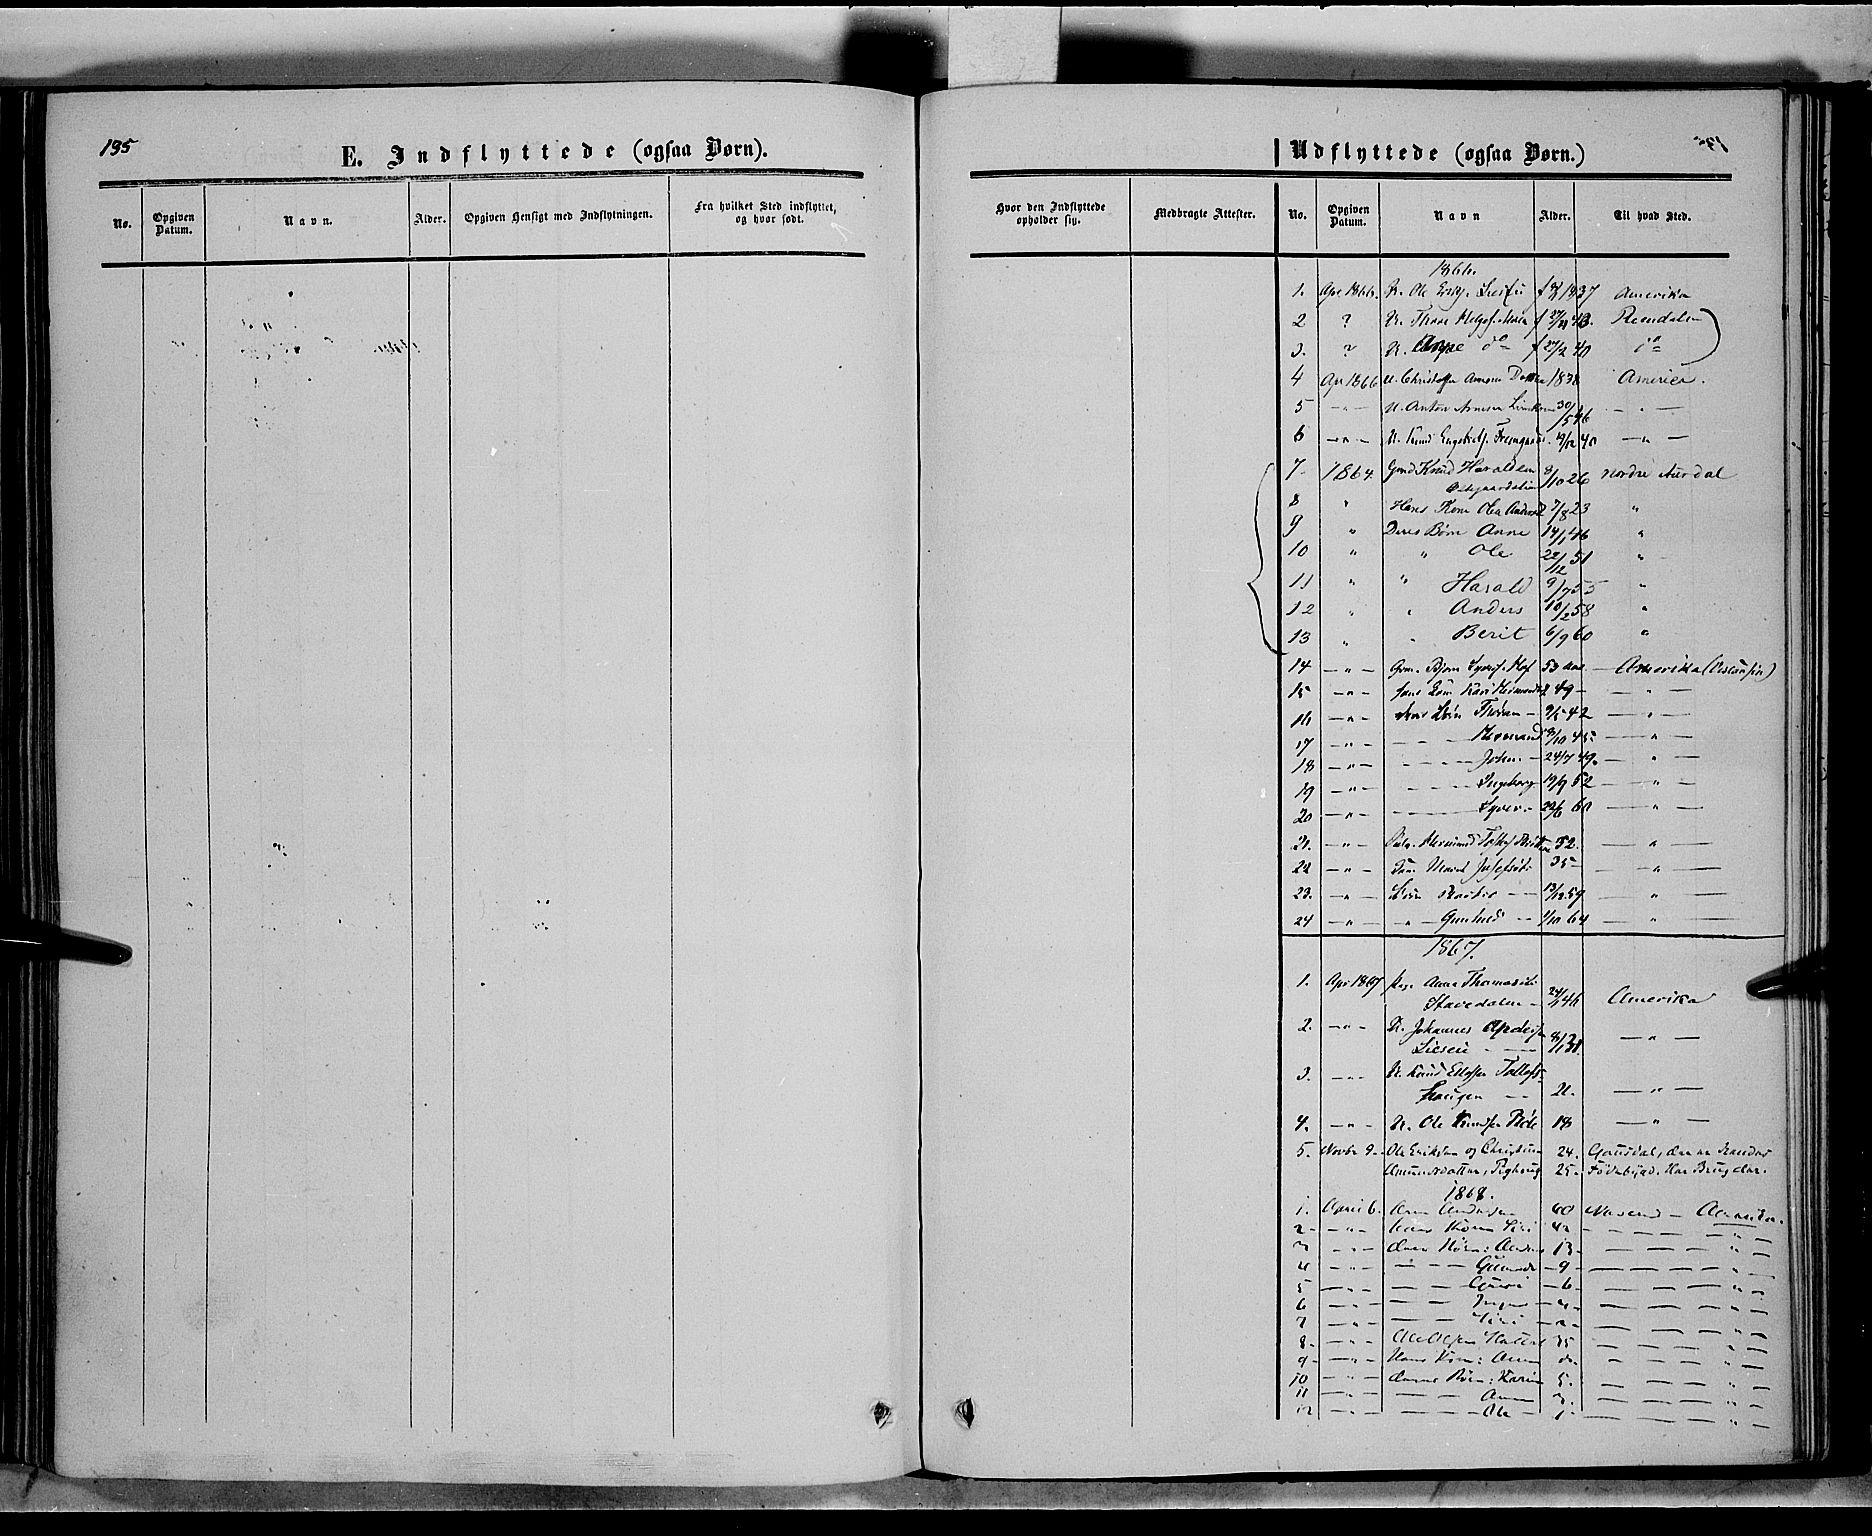 SAH, Sør-Aurdal prestekontor, Ministerialbok nr. 6, 1849-1876, s. 135